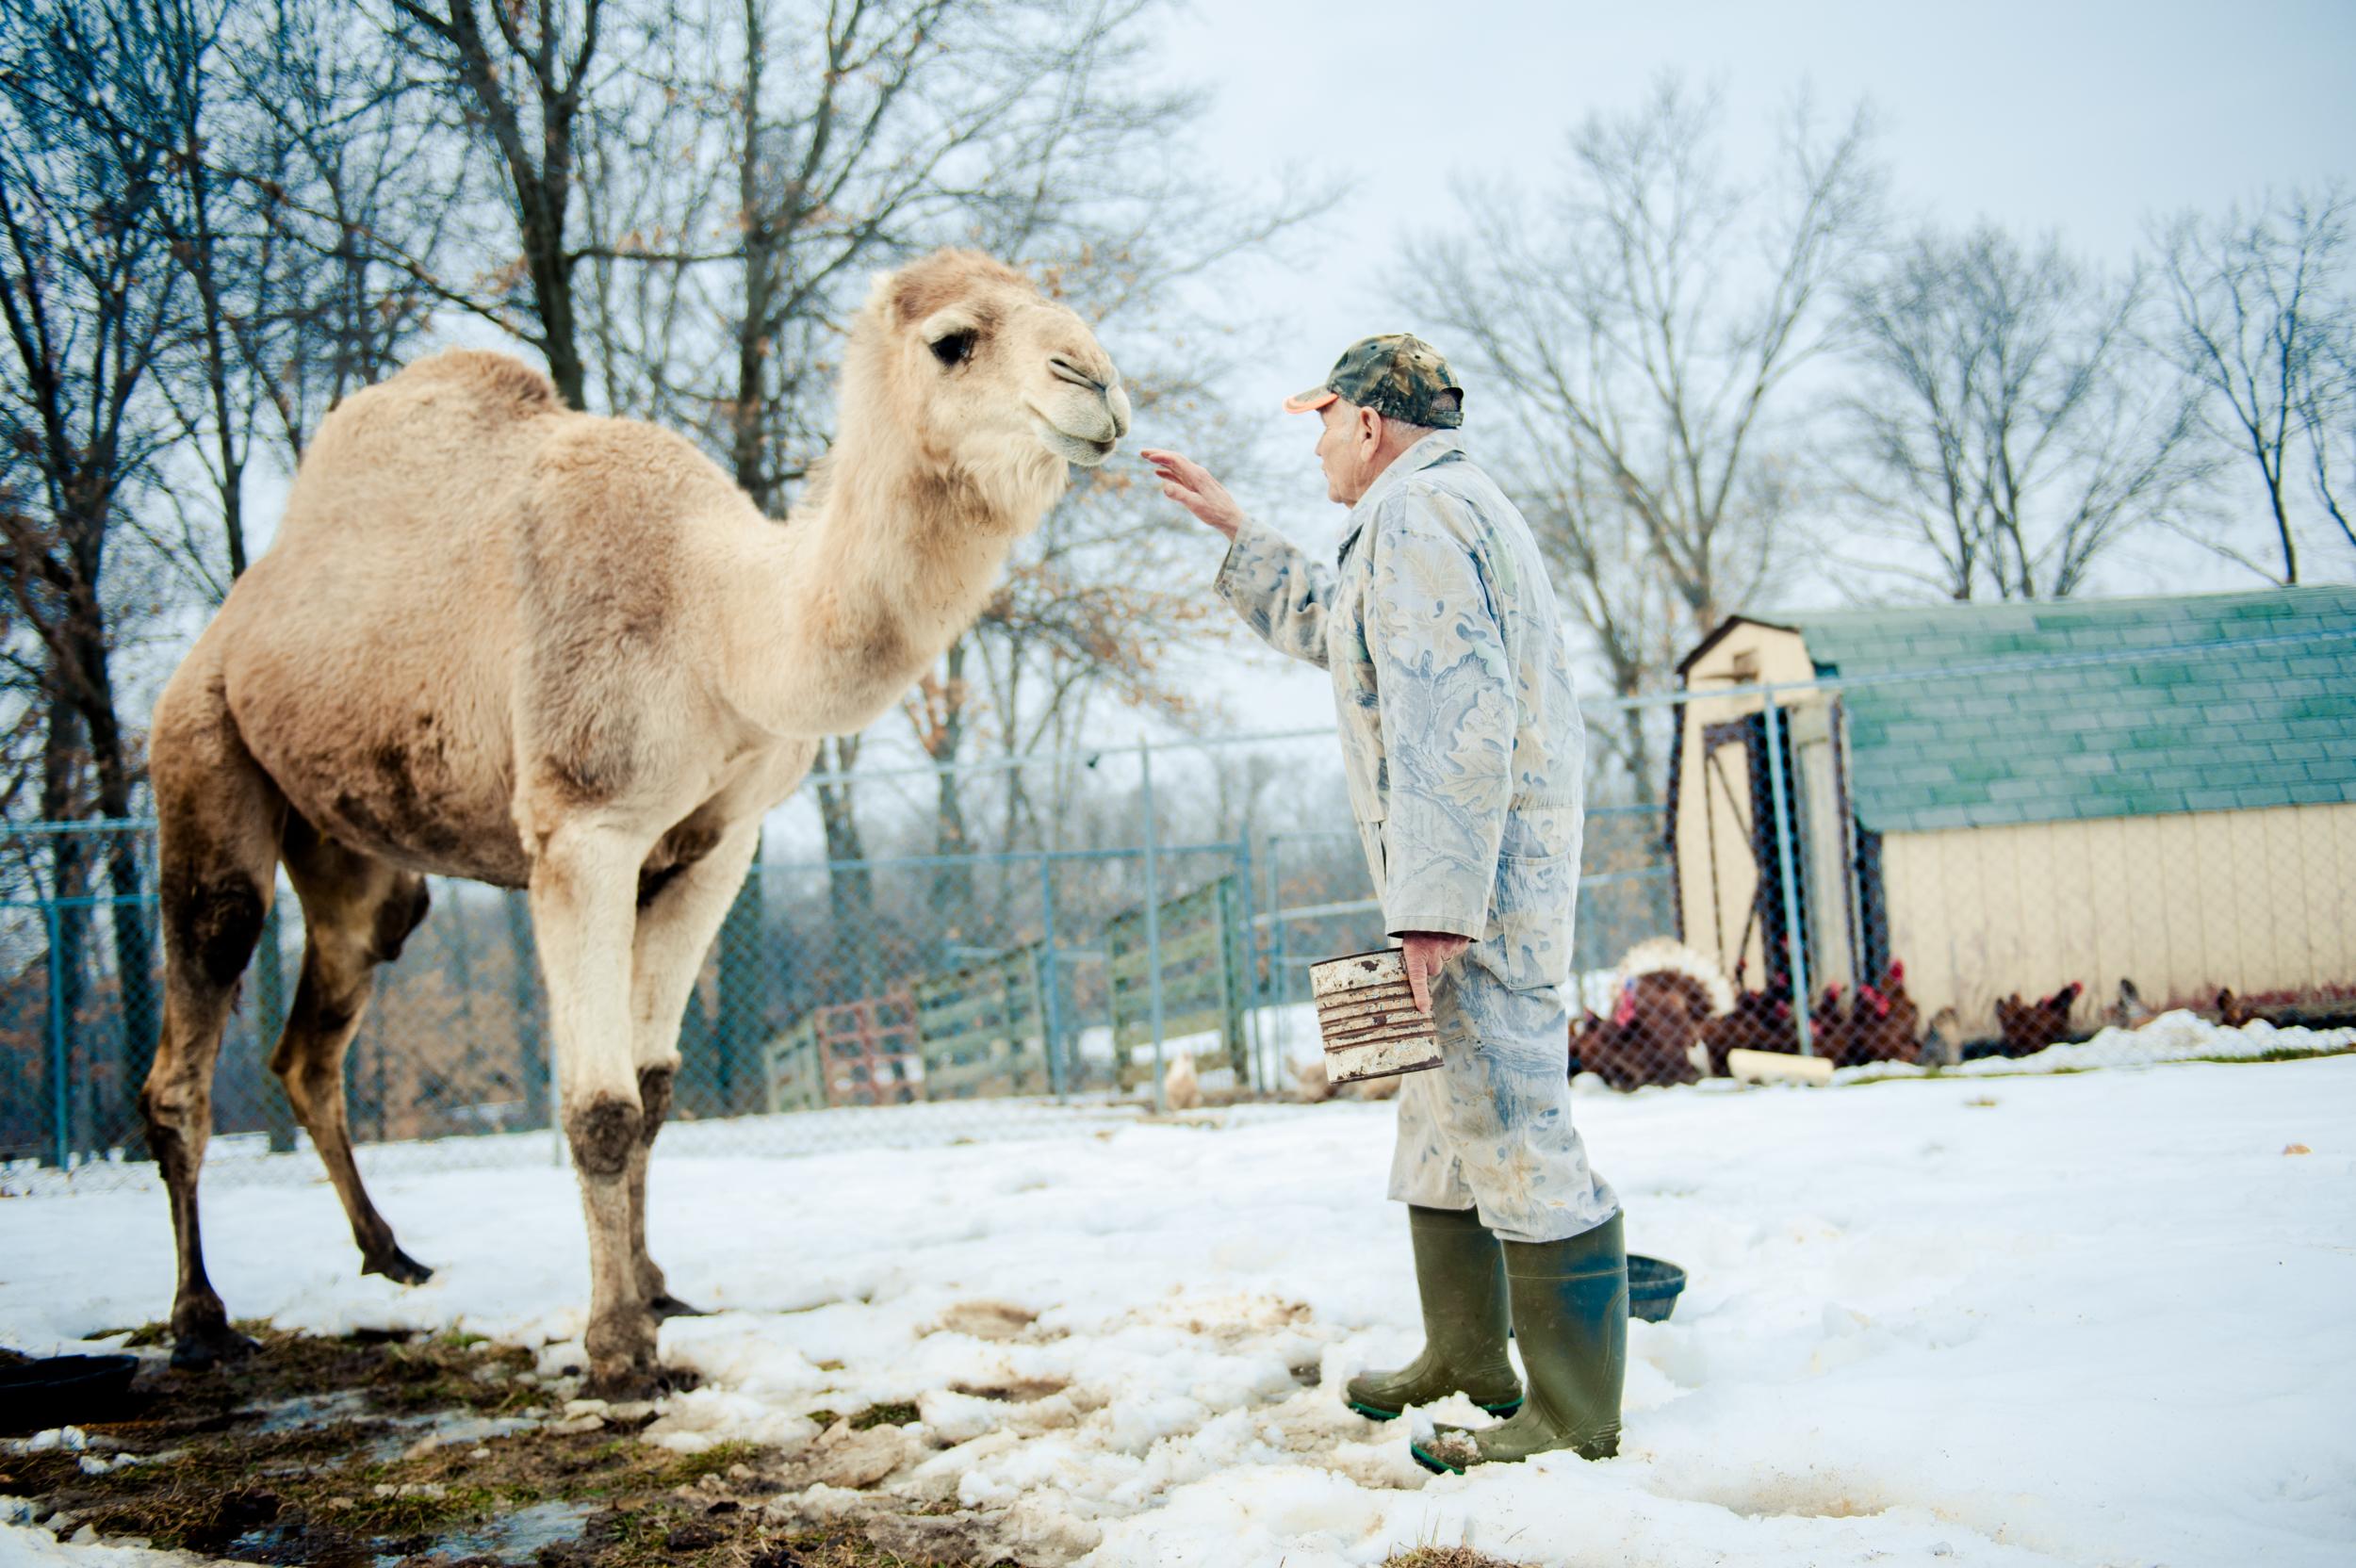 0019_030813 021 joe camel ak.jpg